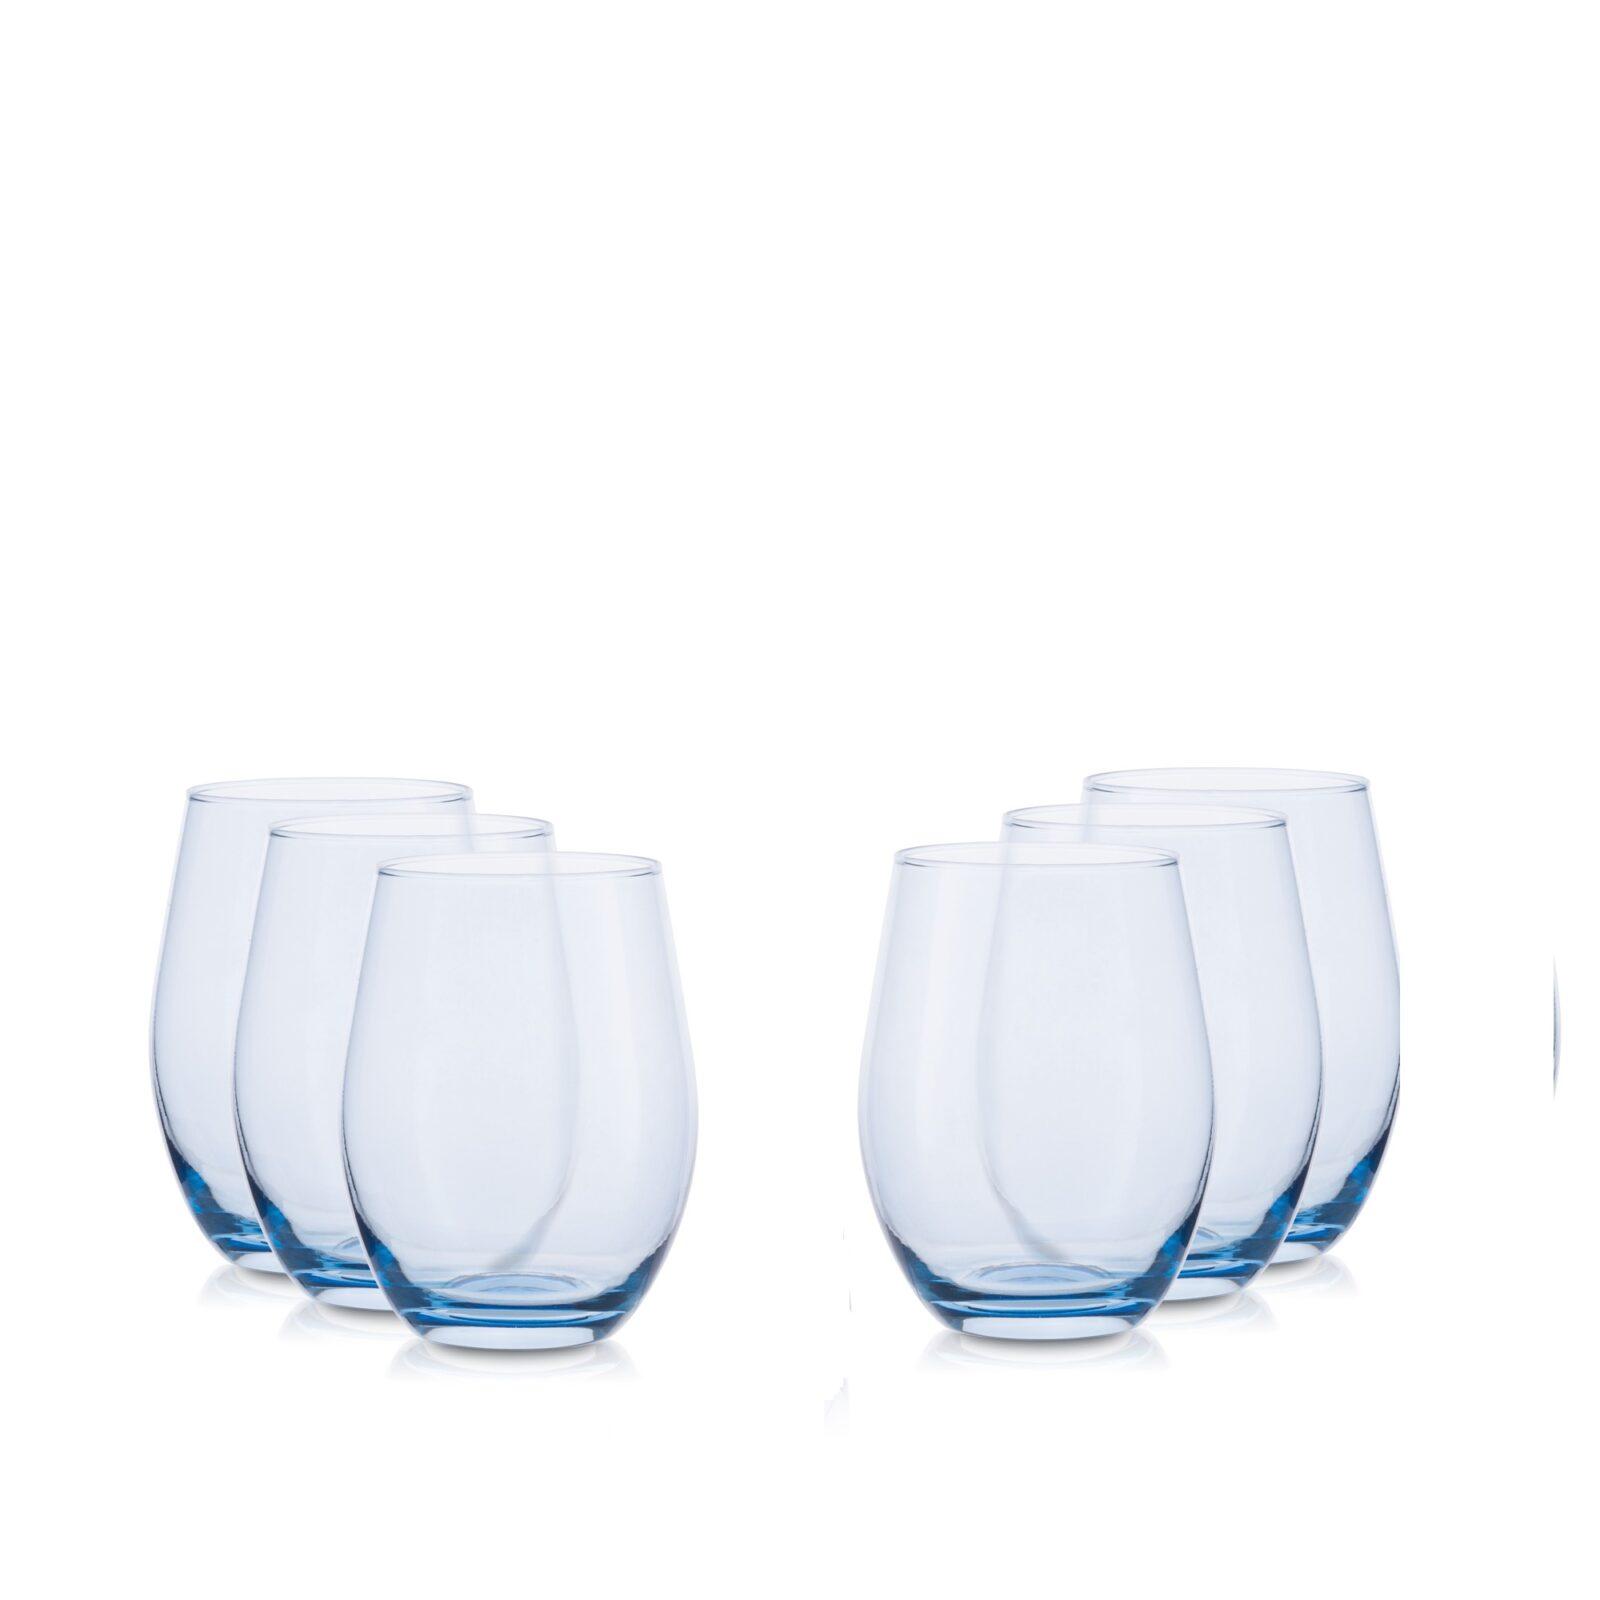 Zestaw szklanek 500 ml -6szt. niebieski transparent